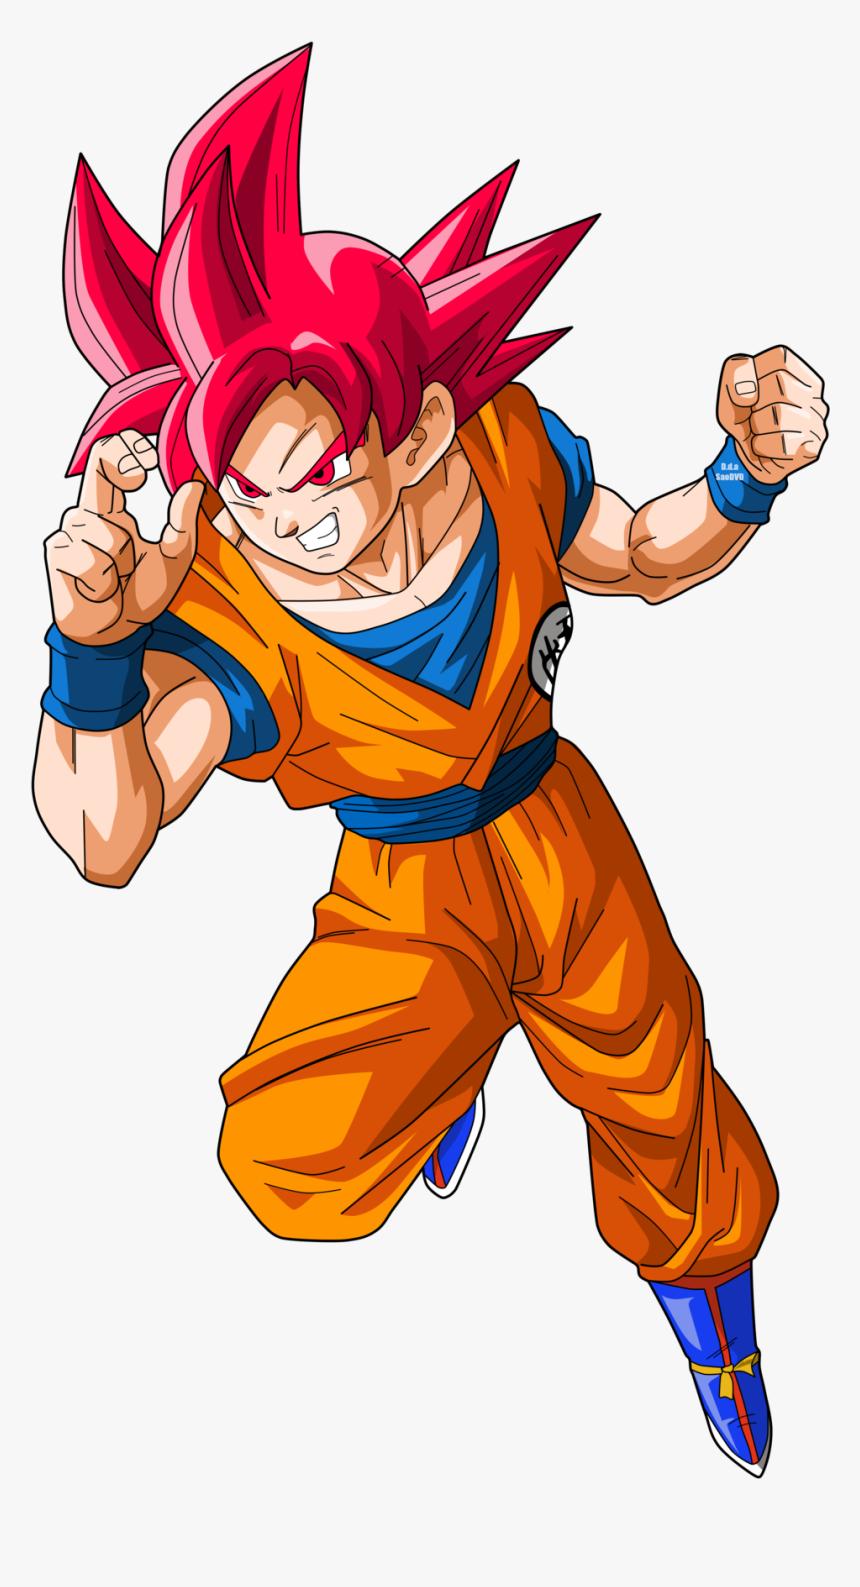 15 Super Saiyan God Png For Free Download On Mbtskoudsalg - Goku Ssj God Png, Transparent Png, Free Download